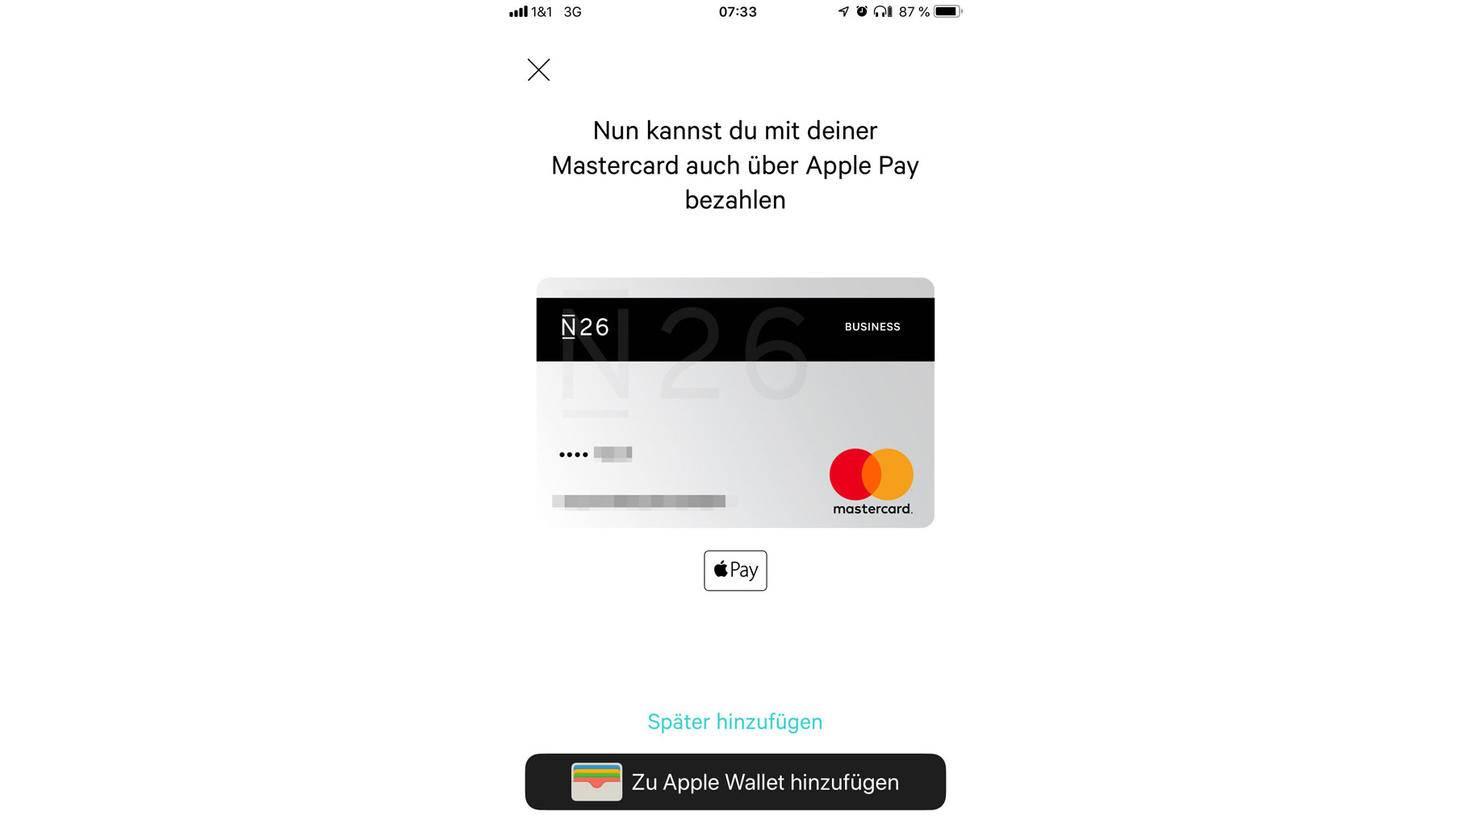 Als N26-Nutzer kannst Du die Karte per Knopfdruck zu Apple Pay hinzufügen.